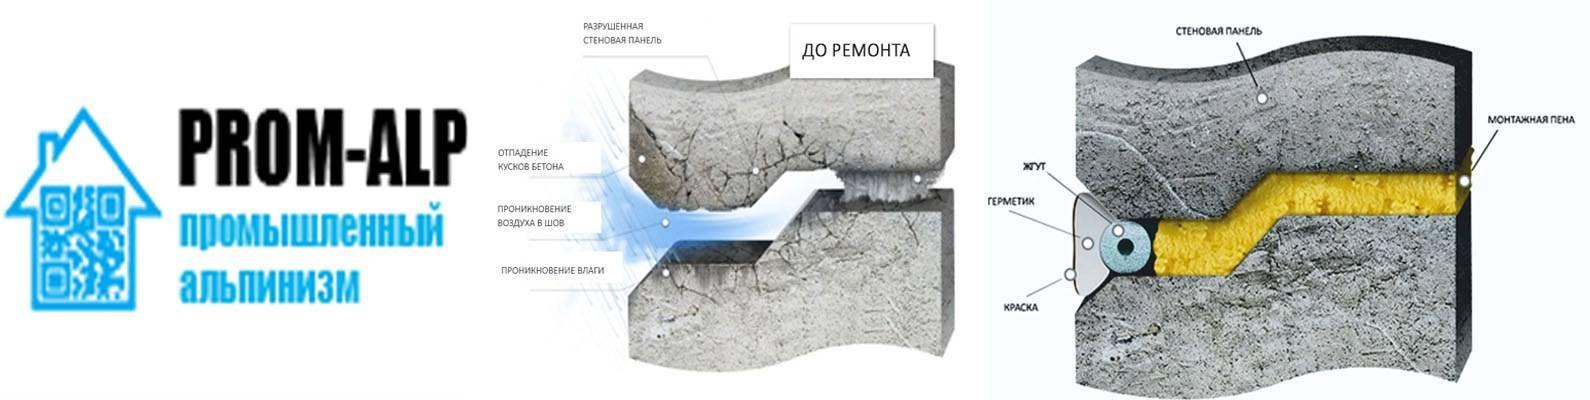 Герметизация межпанельных швов – изнутри и снаружи